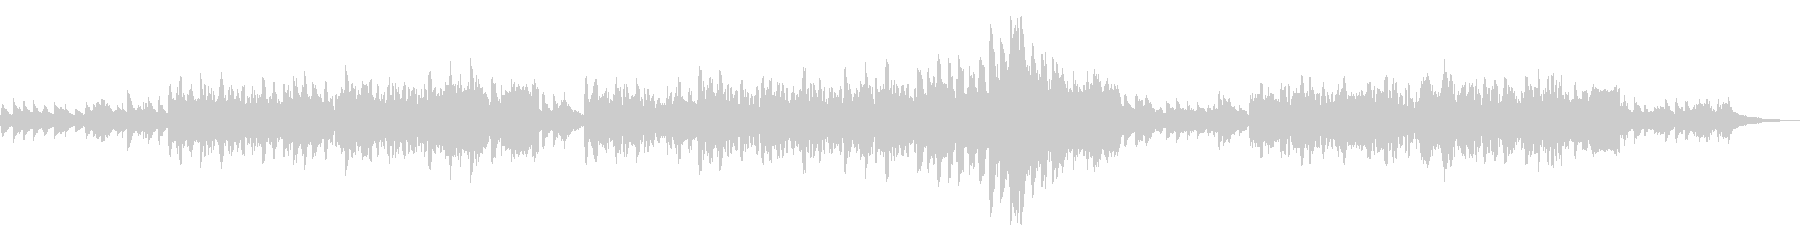 ケルト アイリッシュ ピアノと笛 優美 の未再生の波形